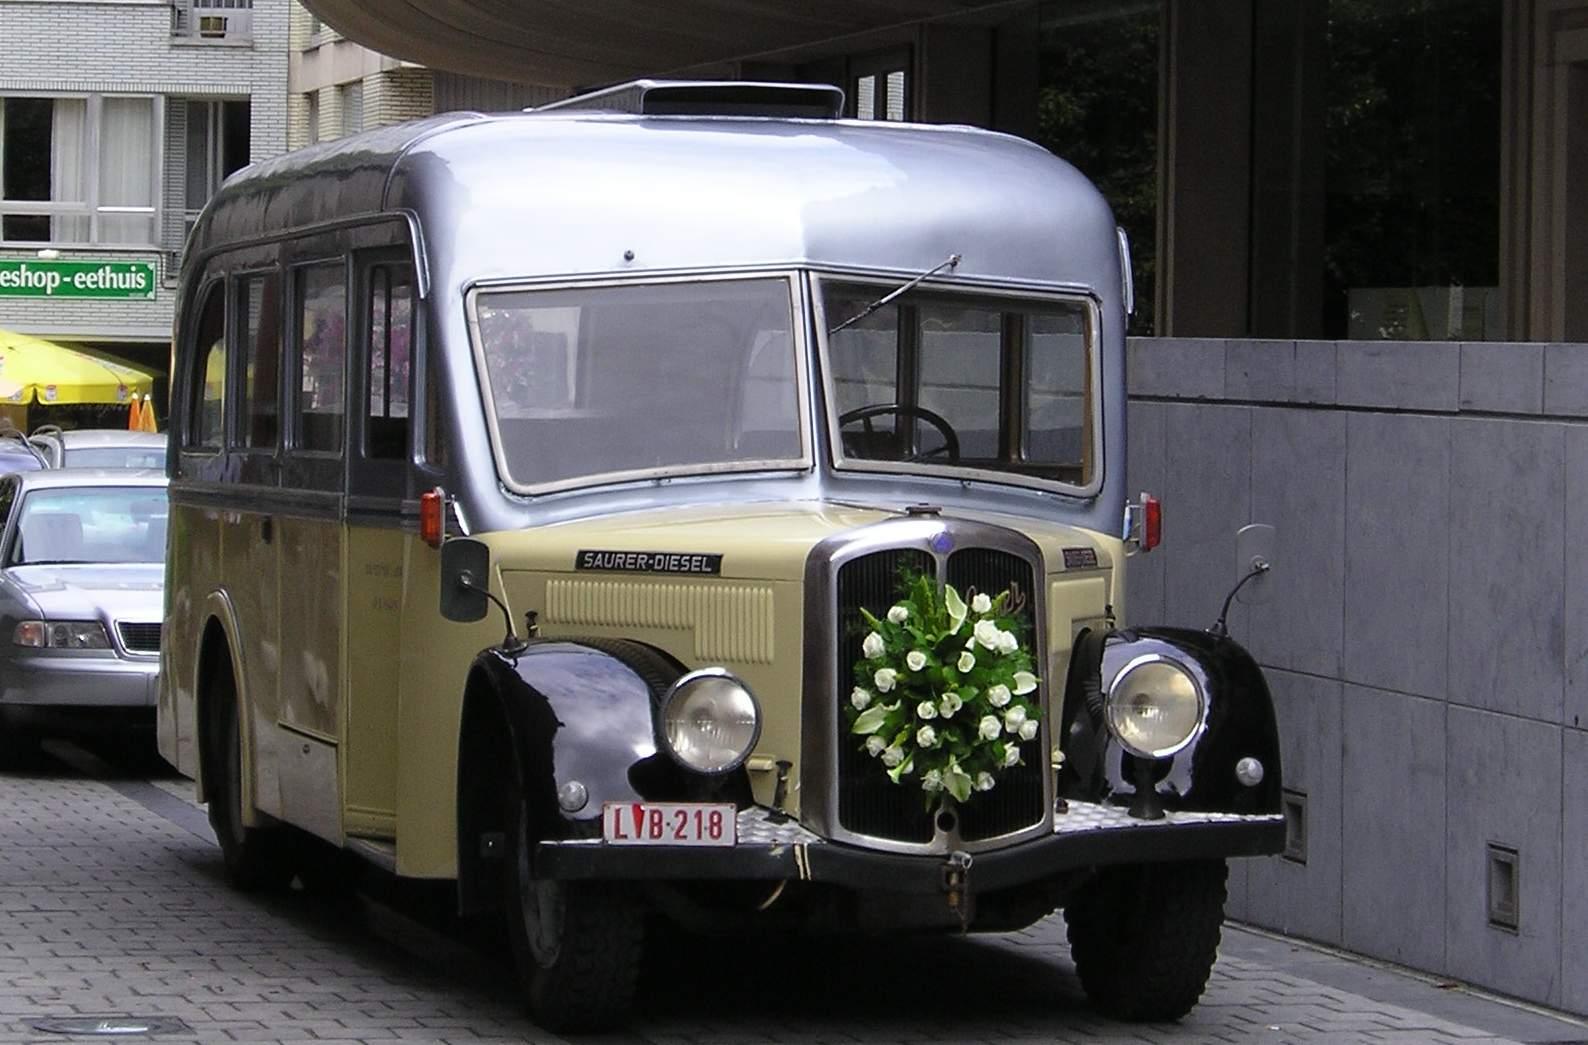 Saurer minibus ceremoniebus